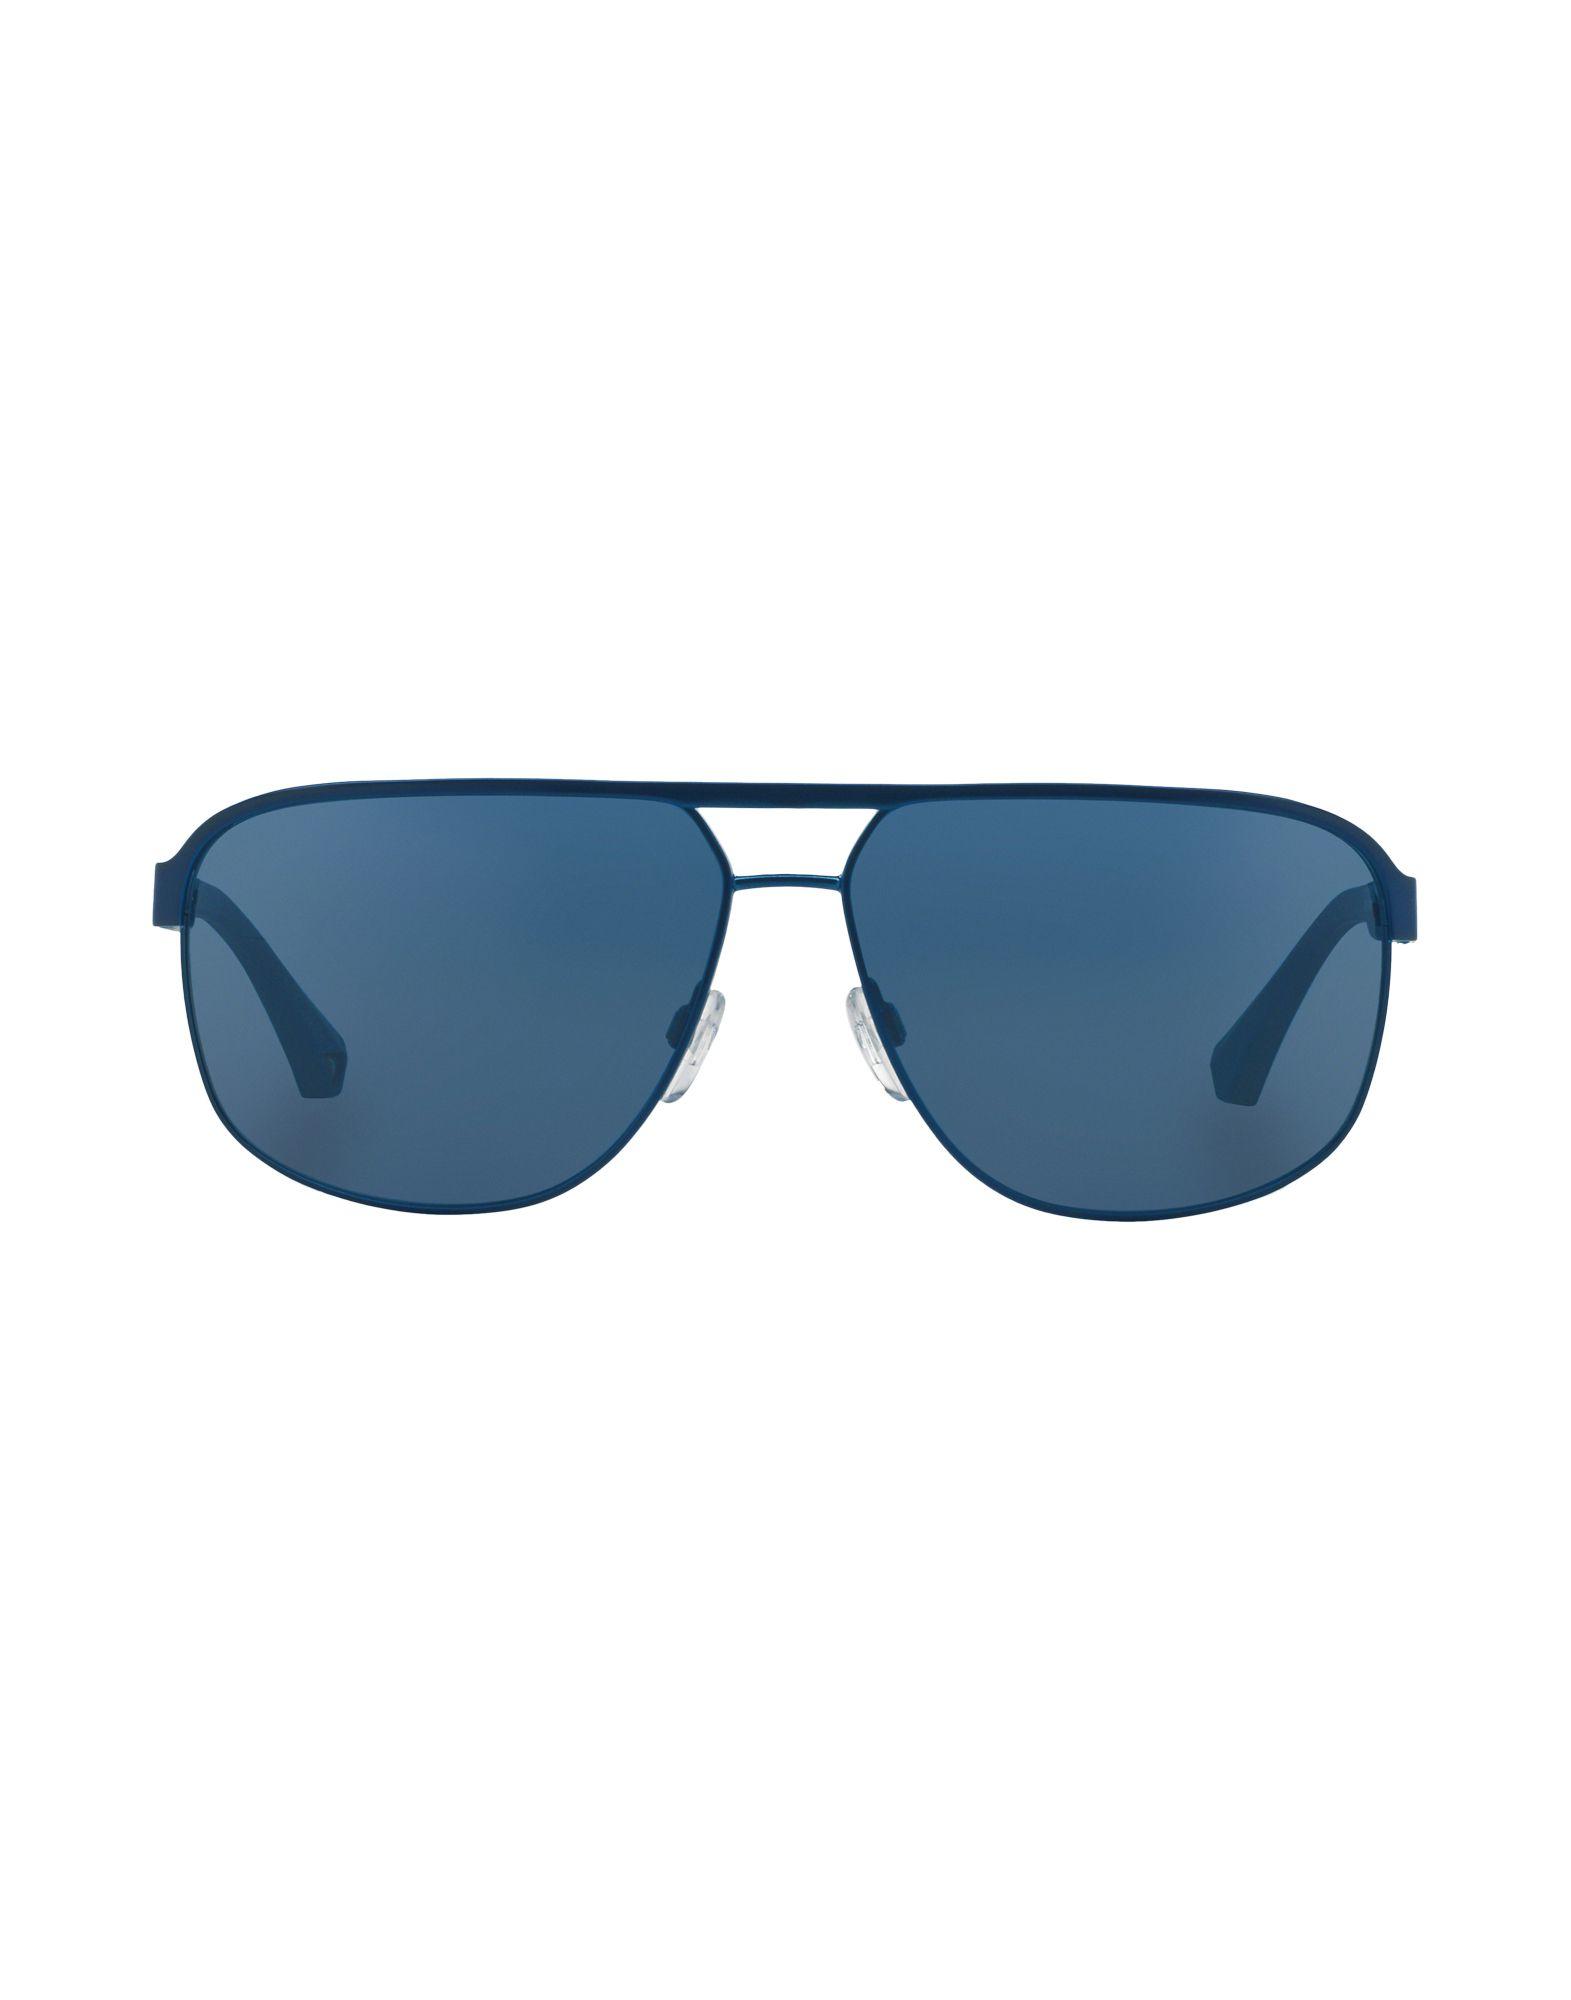 b6e66a6d4f6 Sunglasses Emporio Armani 9285